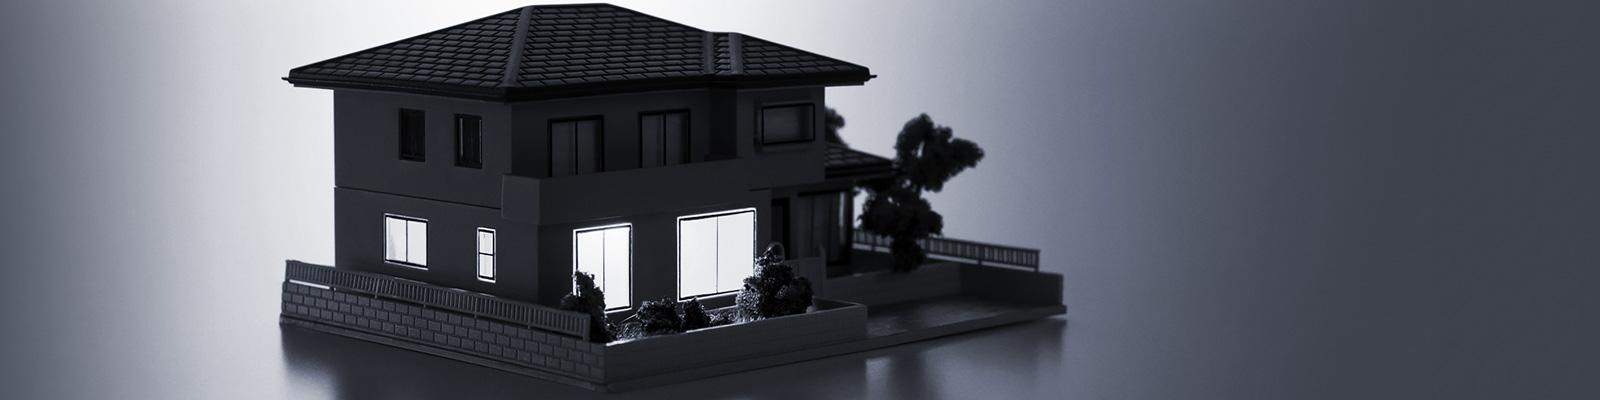 スマートホーム 電気 セキュリティー イメージ